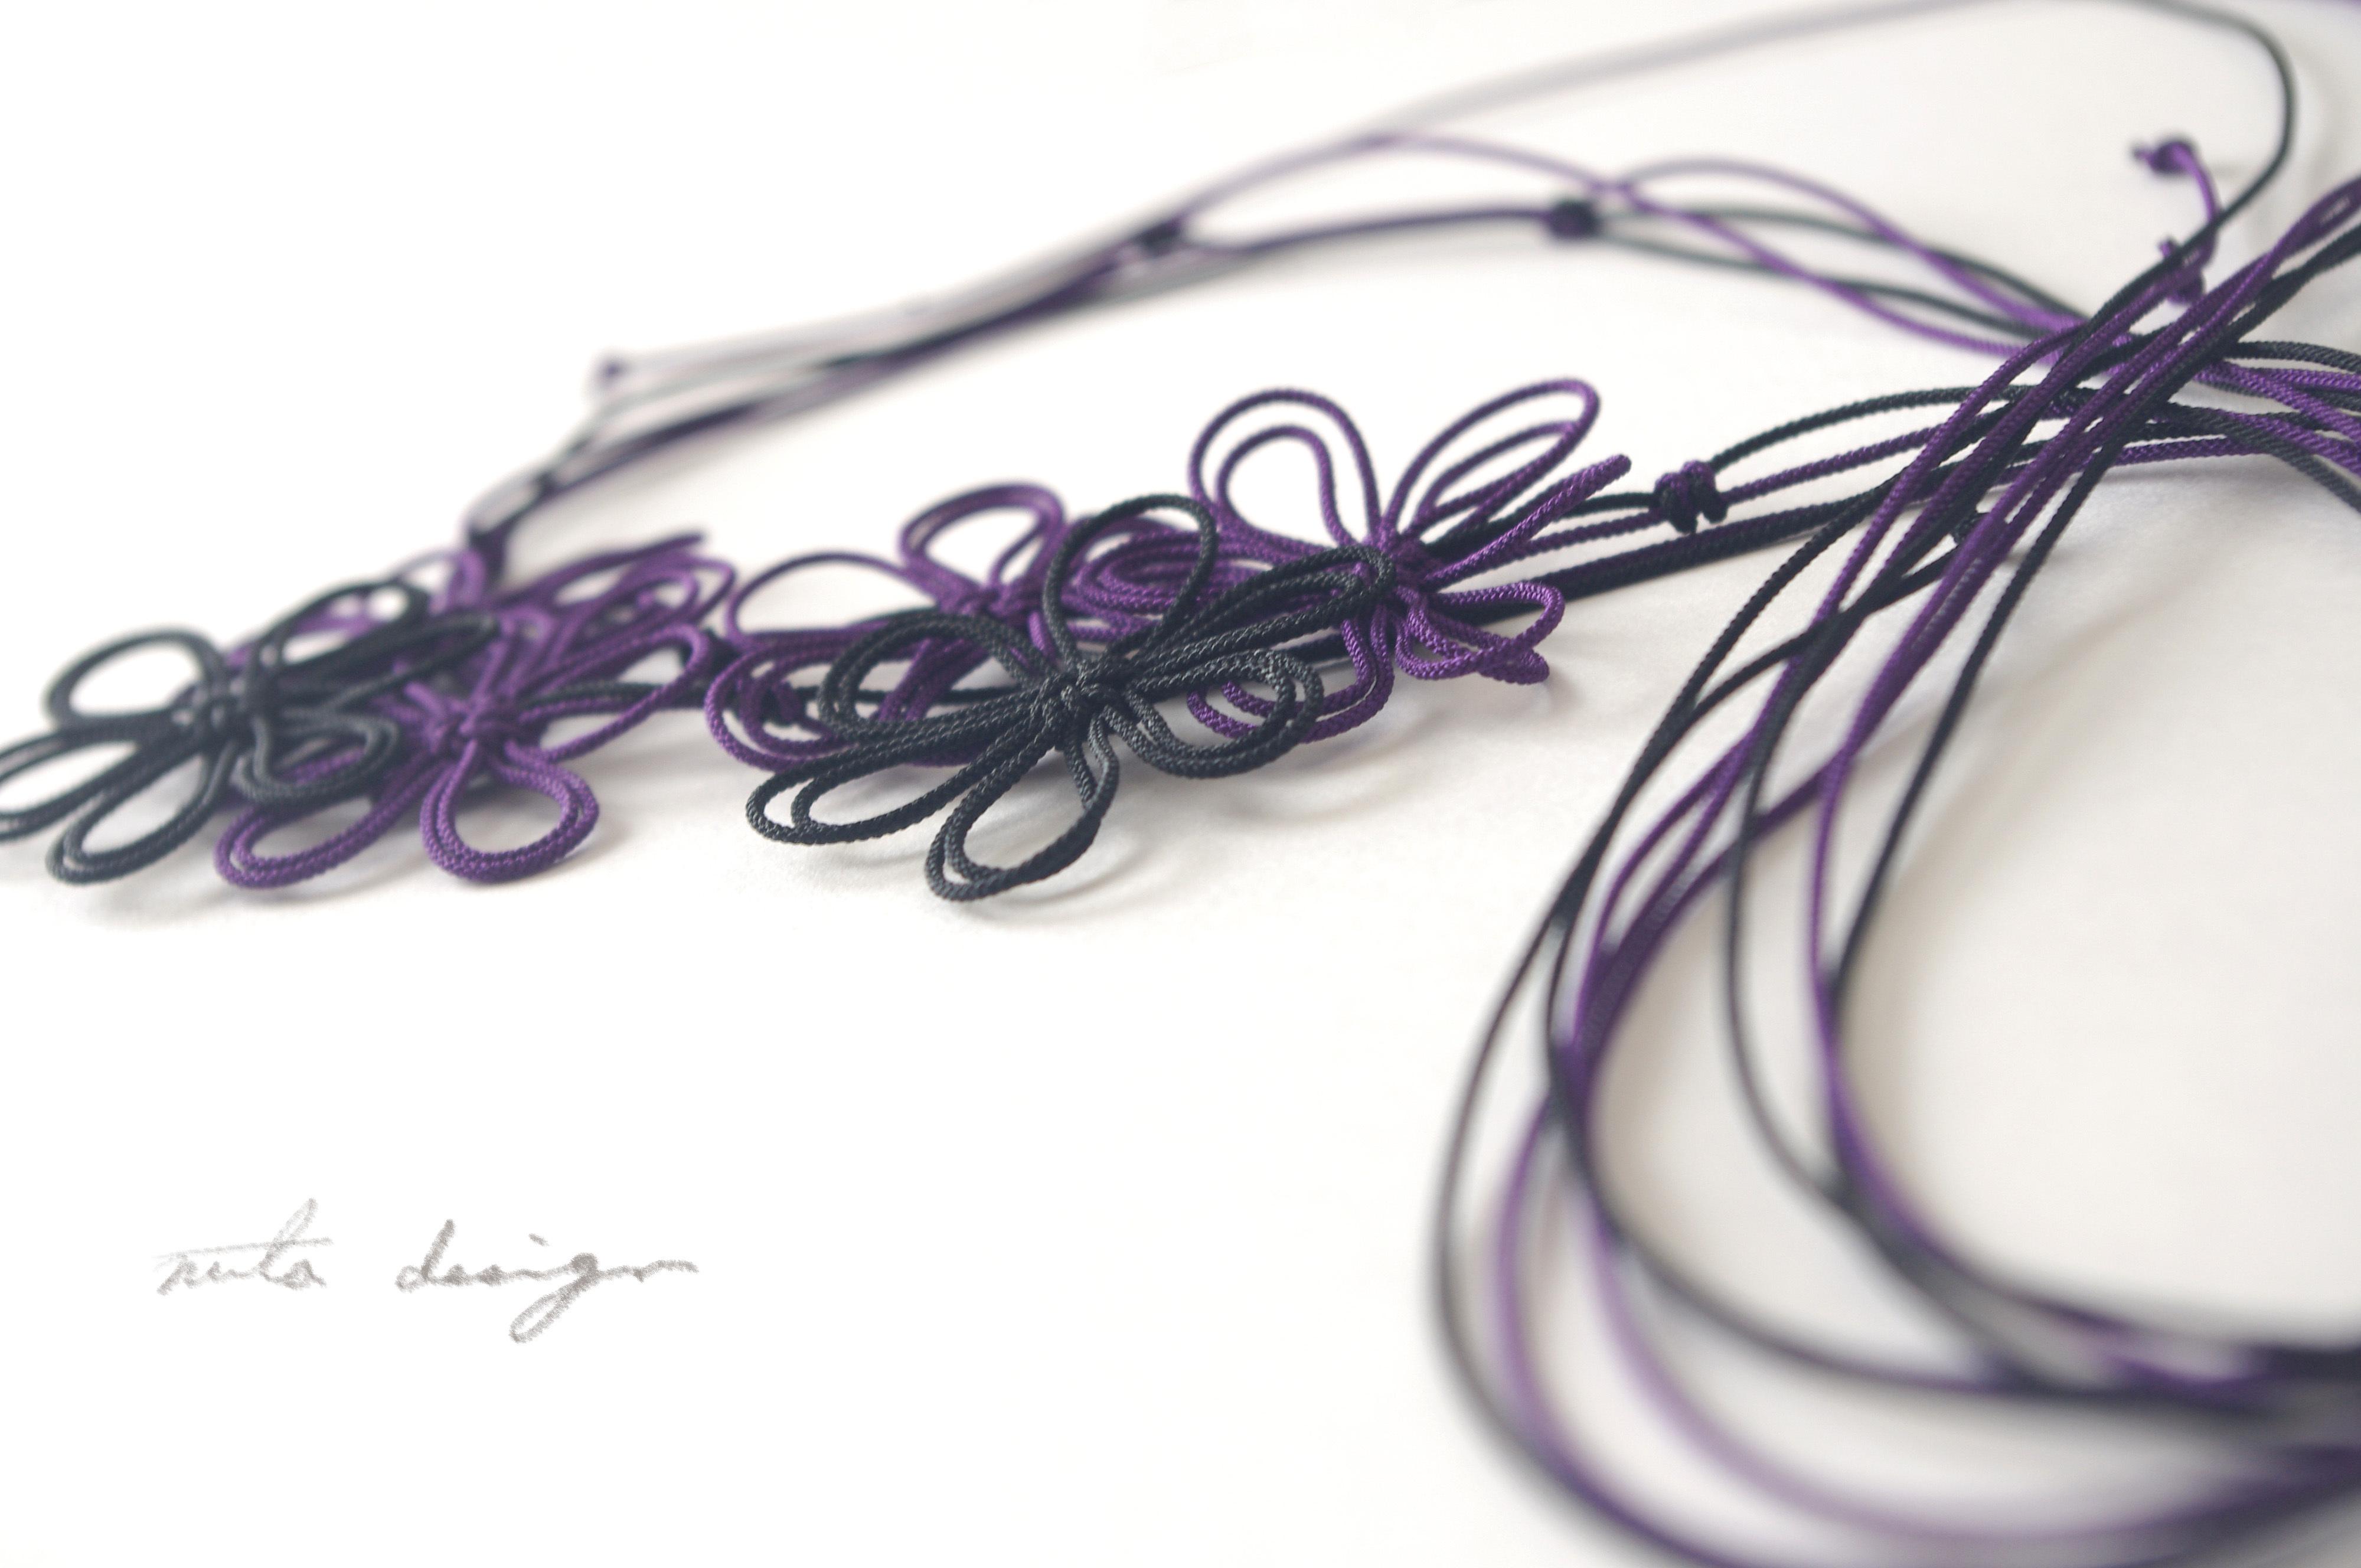 チョーカー「ツヤトシジマ」(黒×紫)